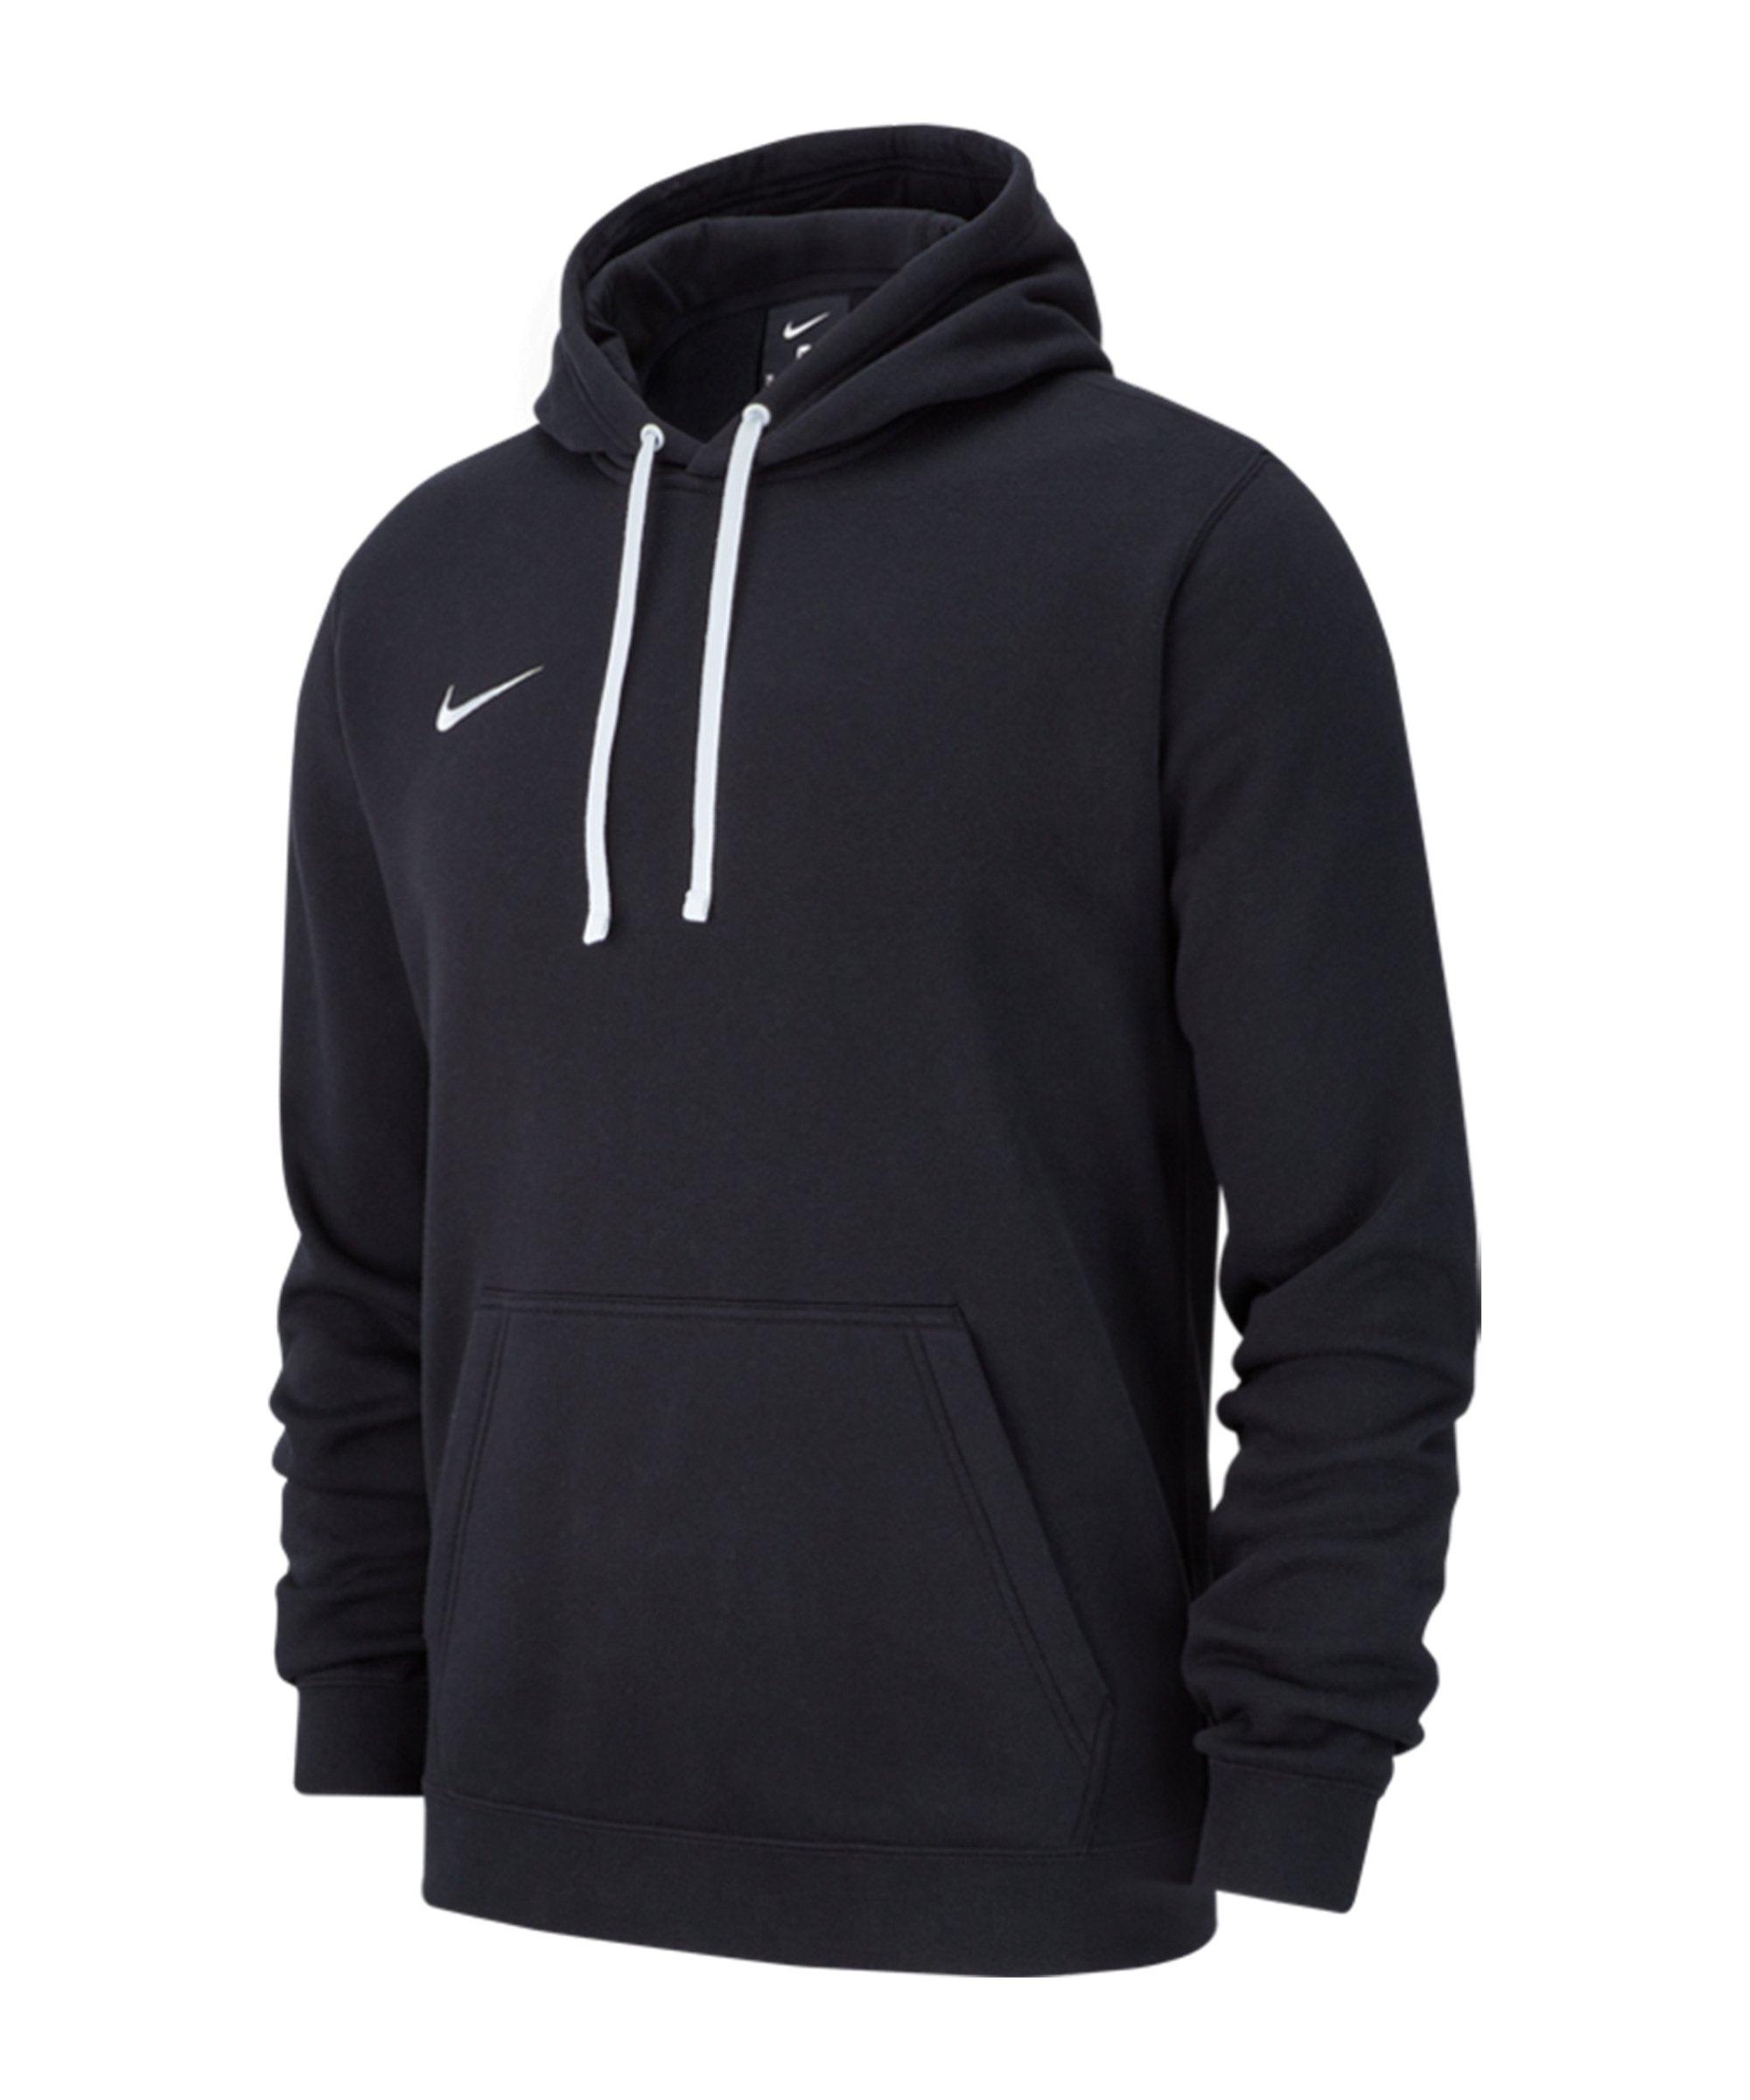 Nike Club 19 Fleece Hoody Schwarz F010 - schwarz